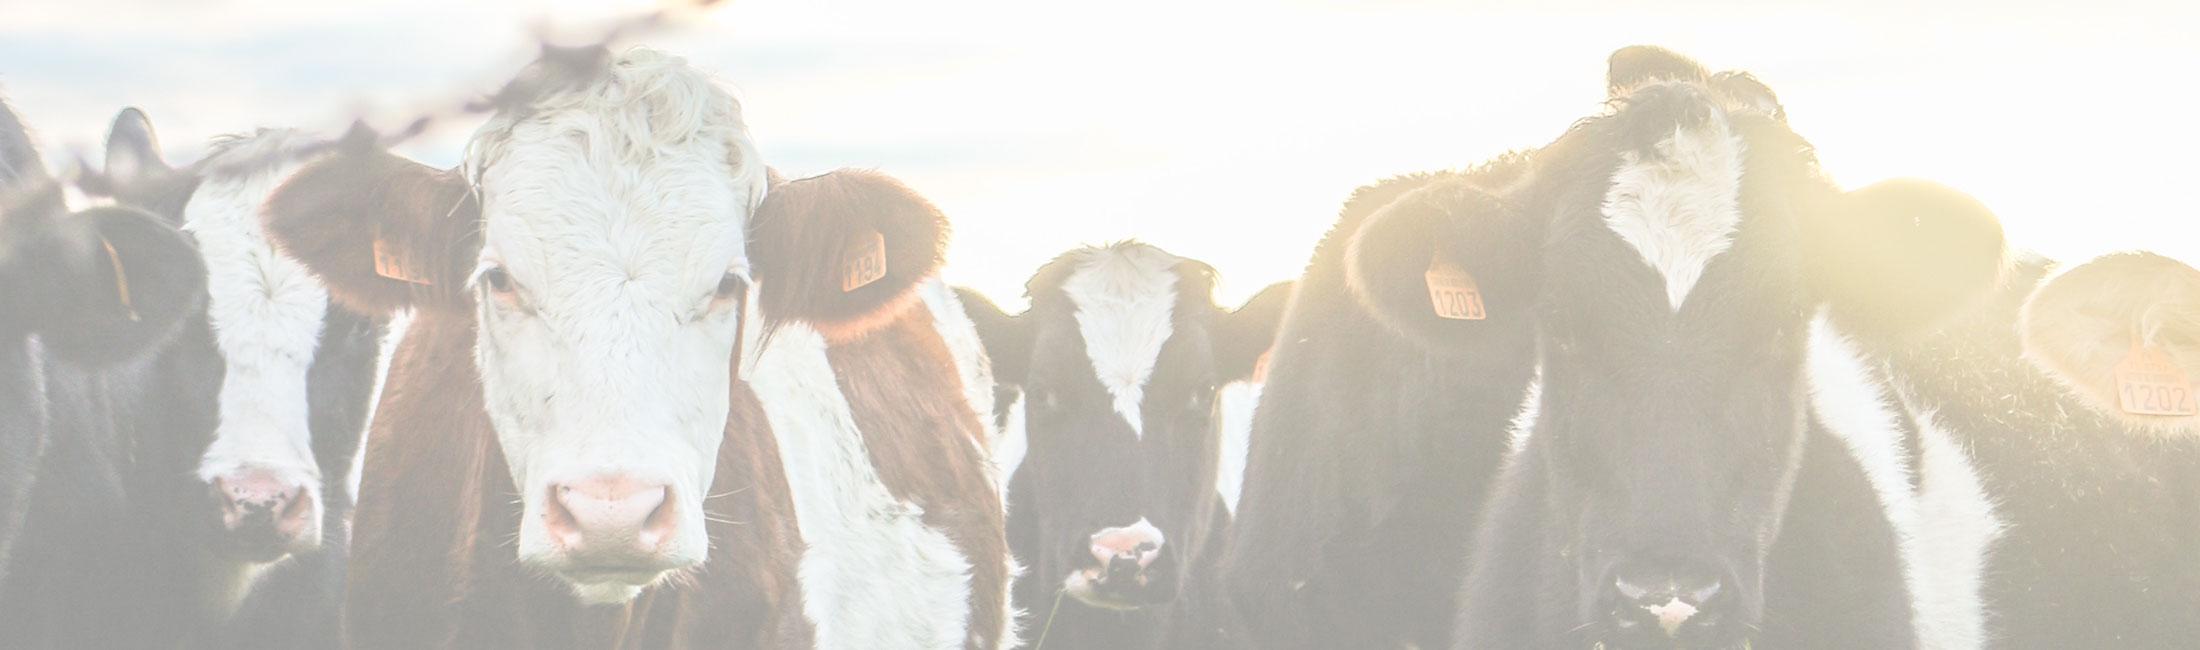 VEERkracht Dairy Congress 2019